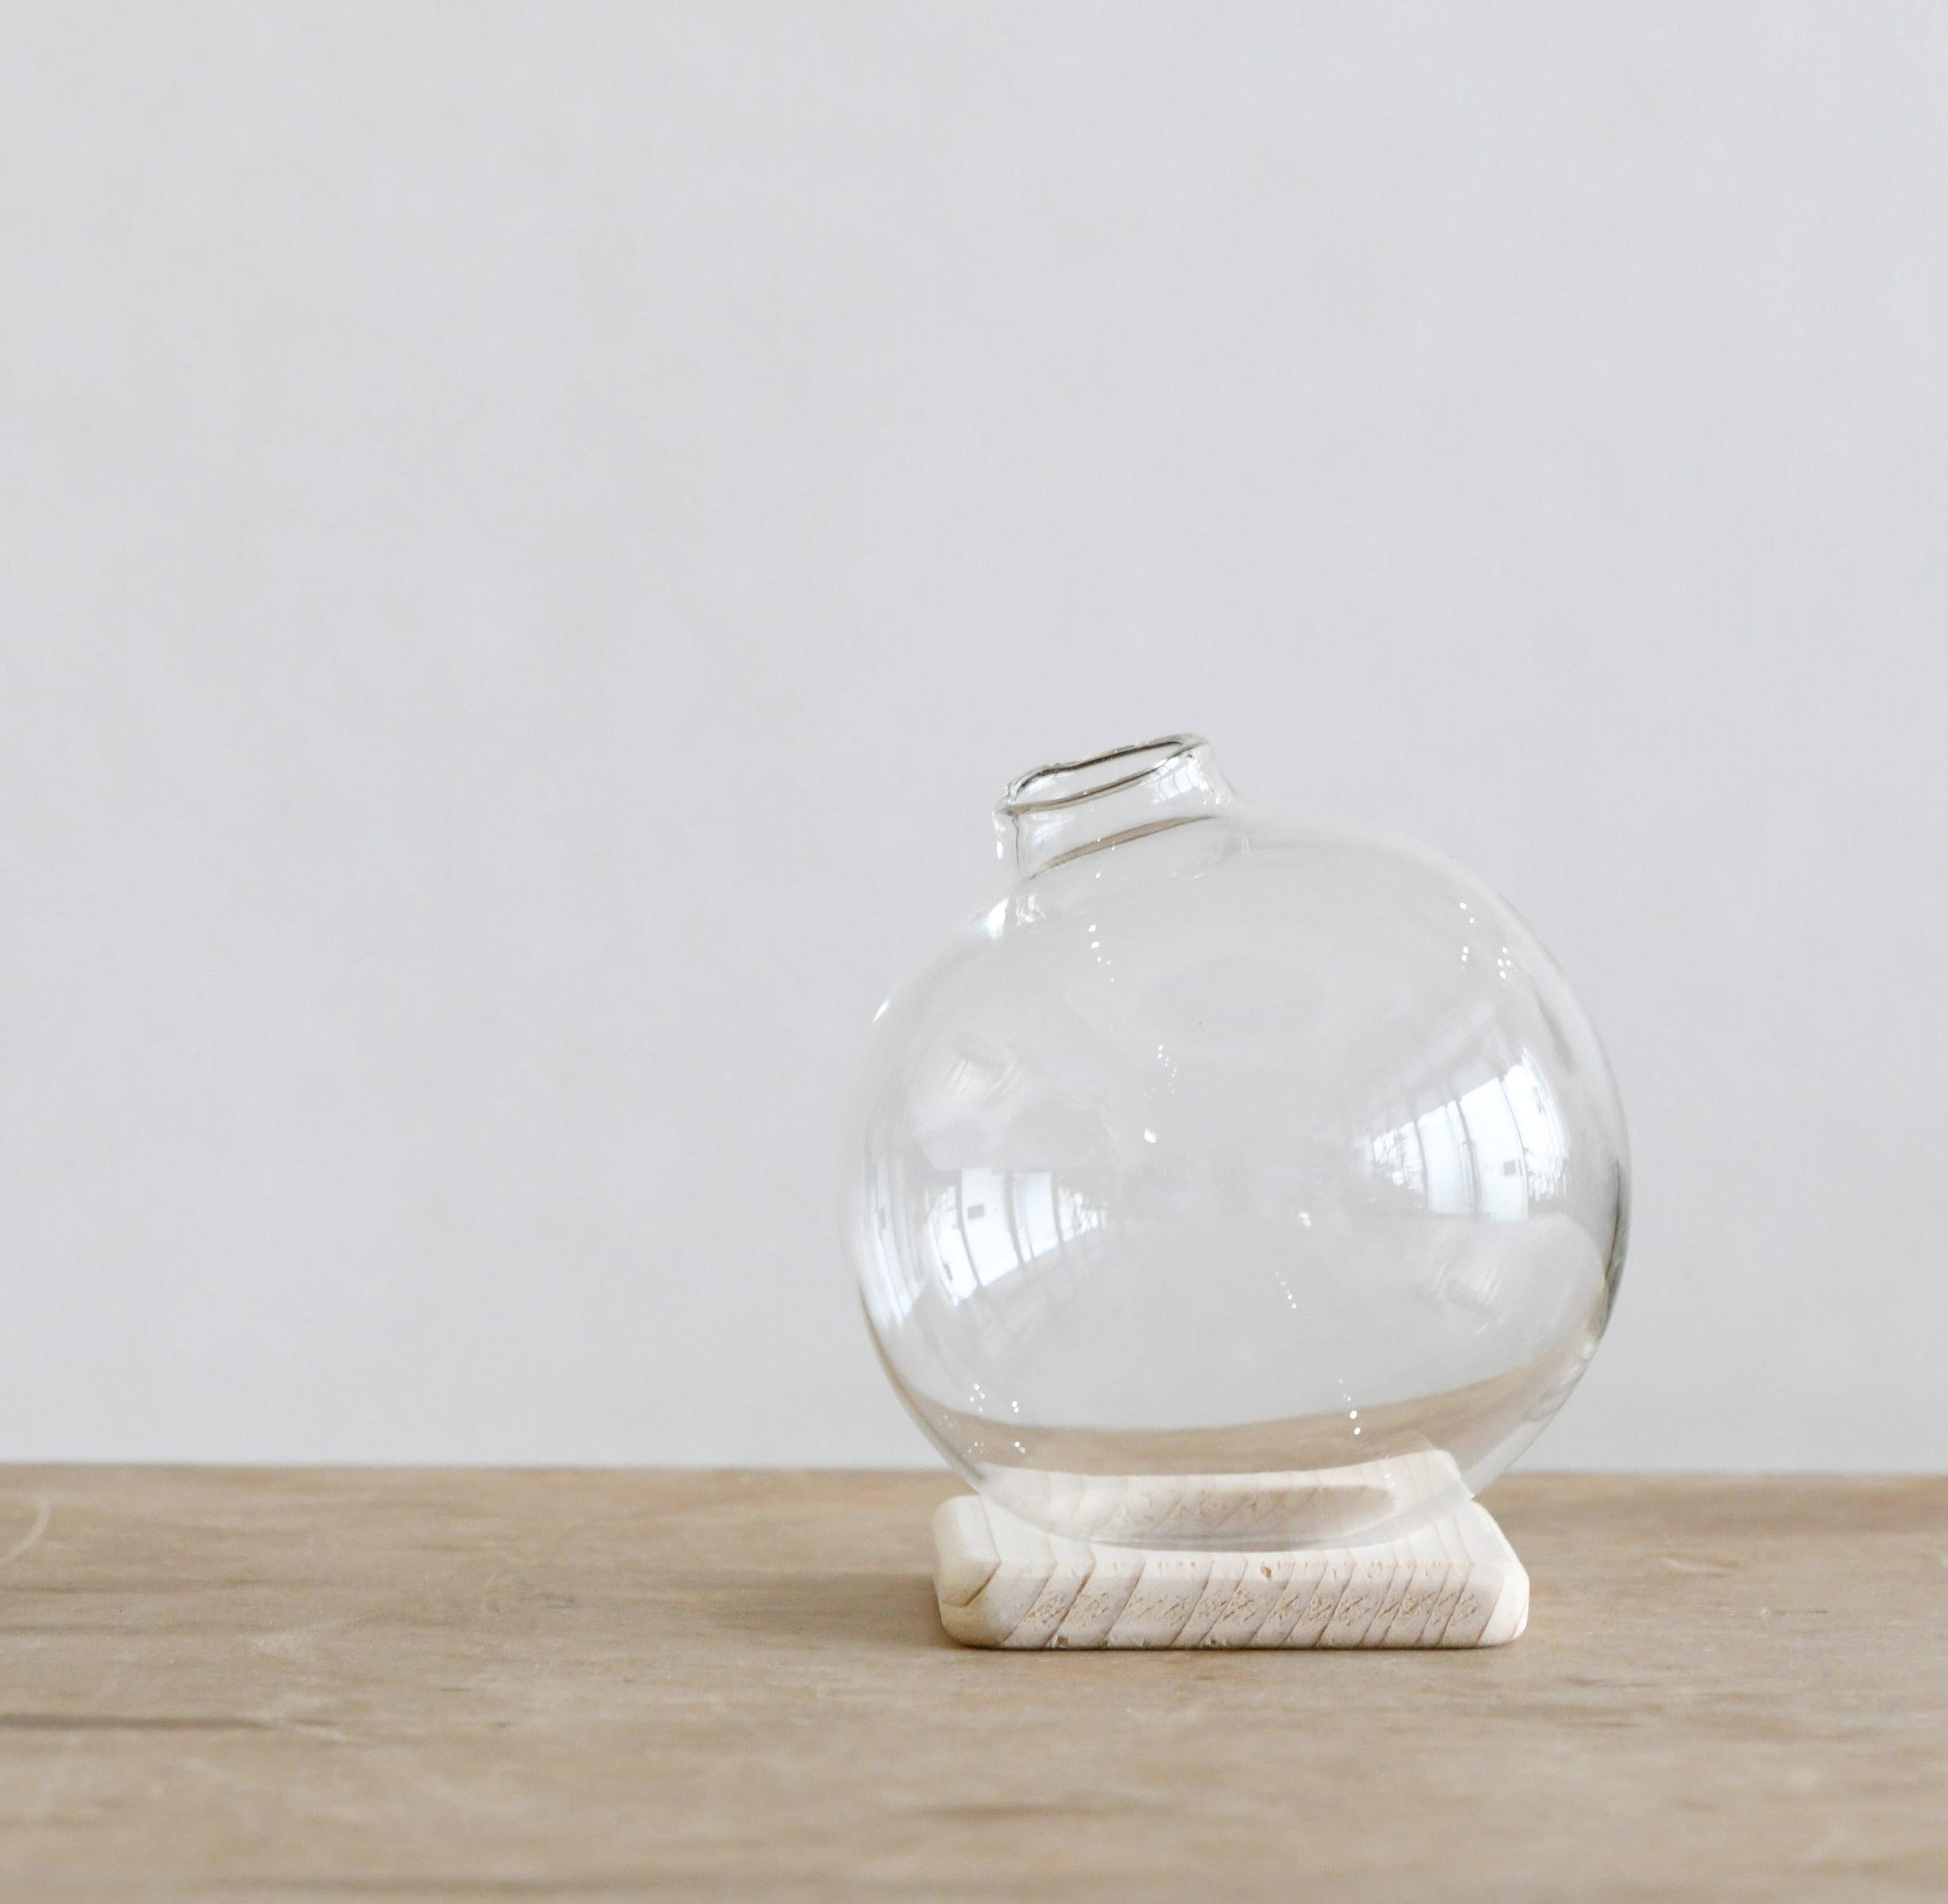 【ガラス容器】球体 木製台付き